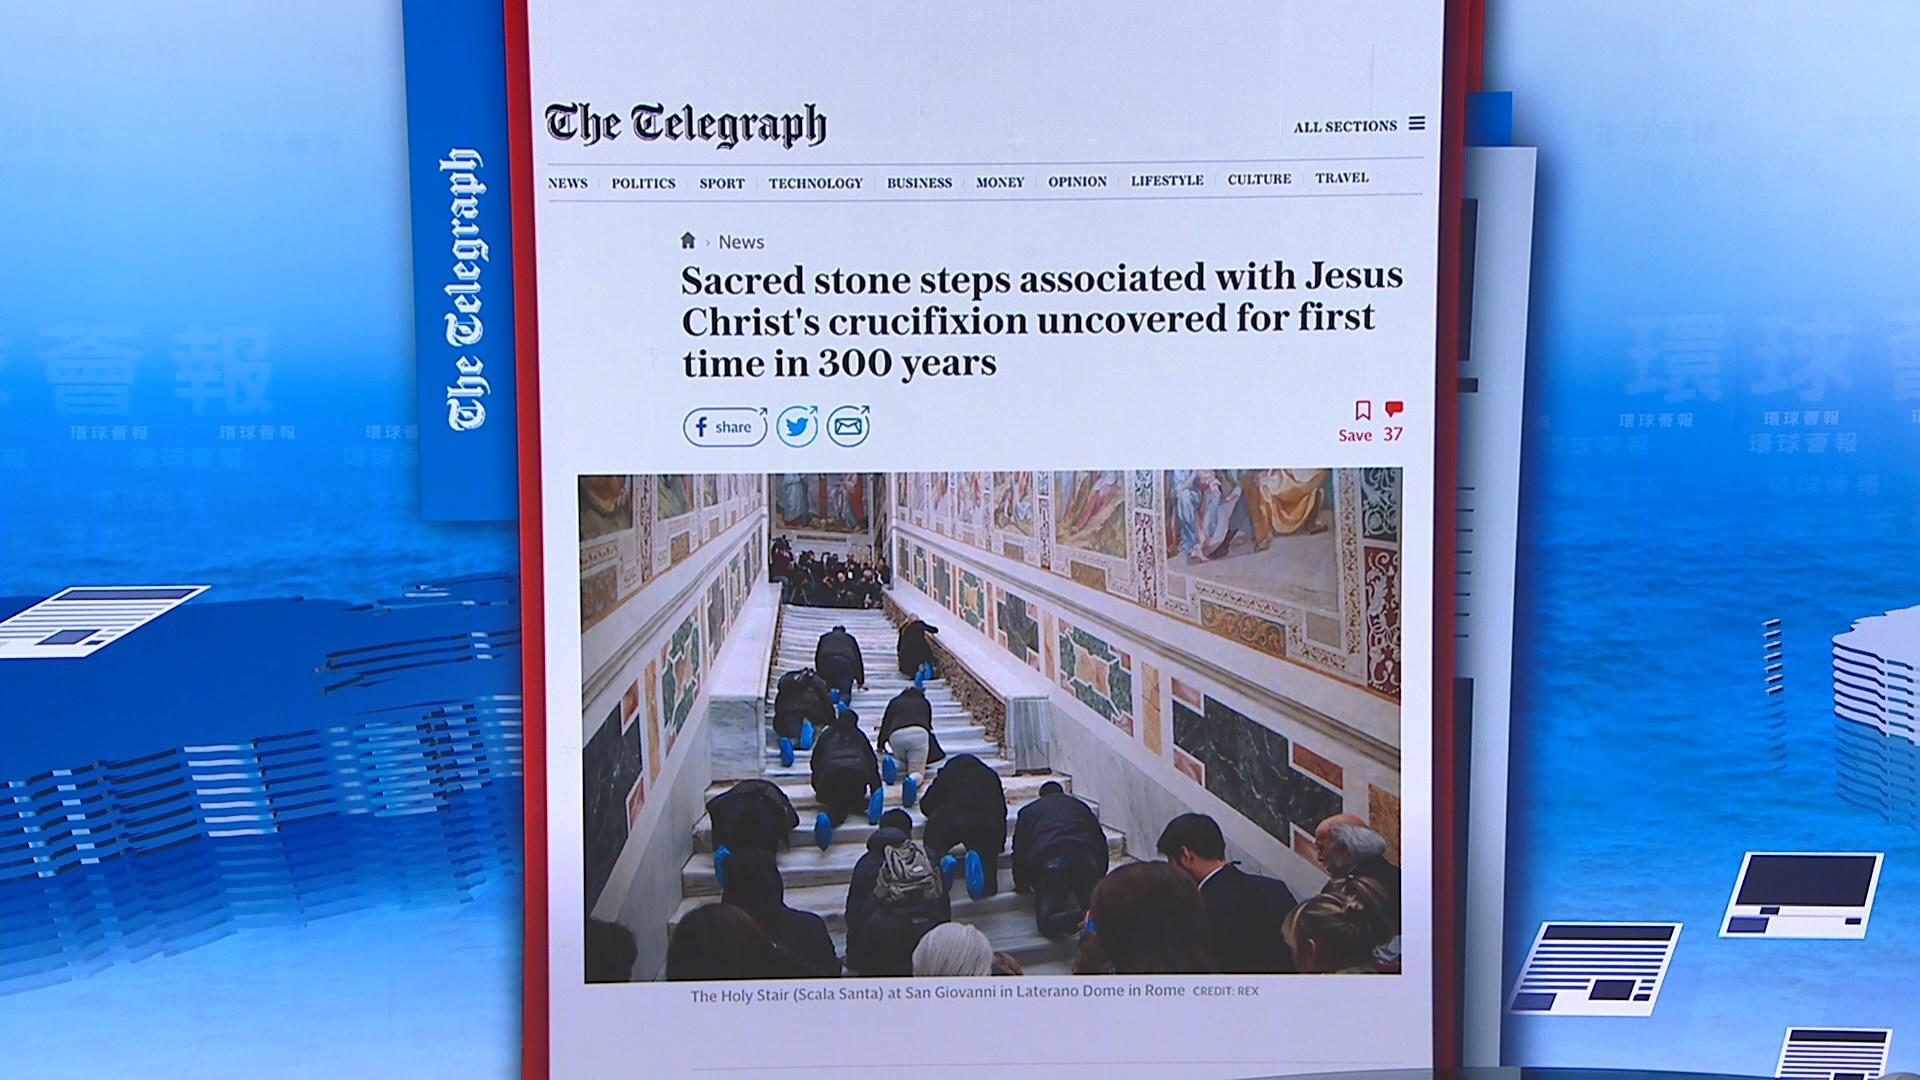 【環球薈報】梵蒂岡雲石聖梯完成復修重新開放